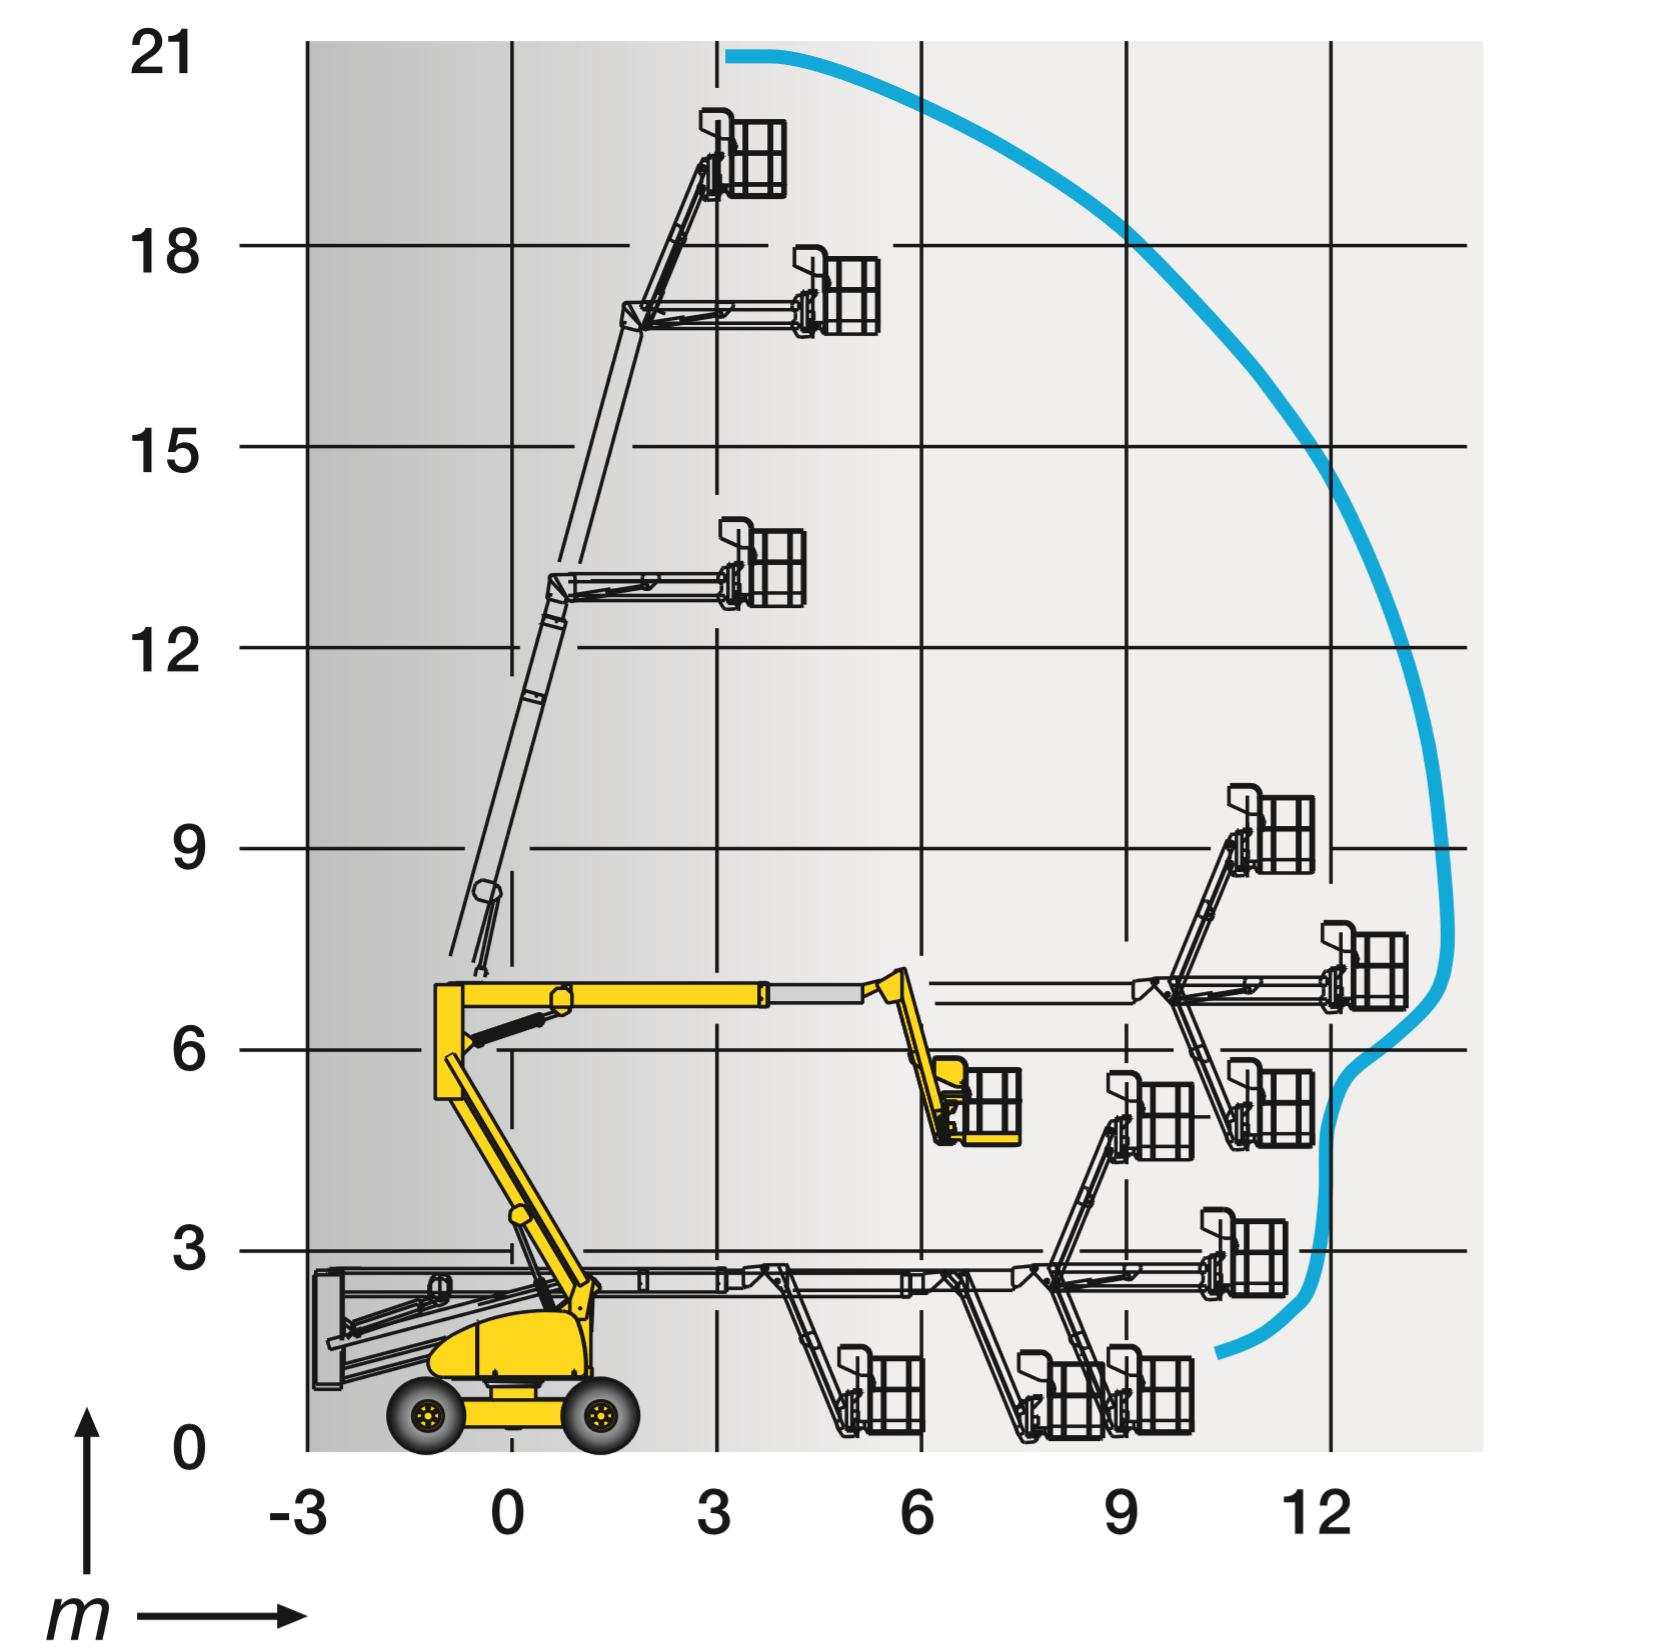 Kuukulkijan Haulotte 20 PX ulottumakaavio